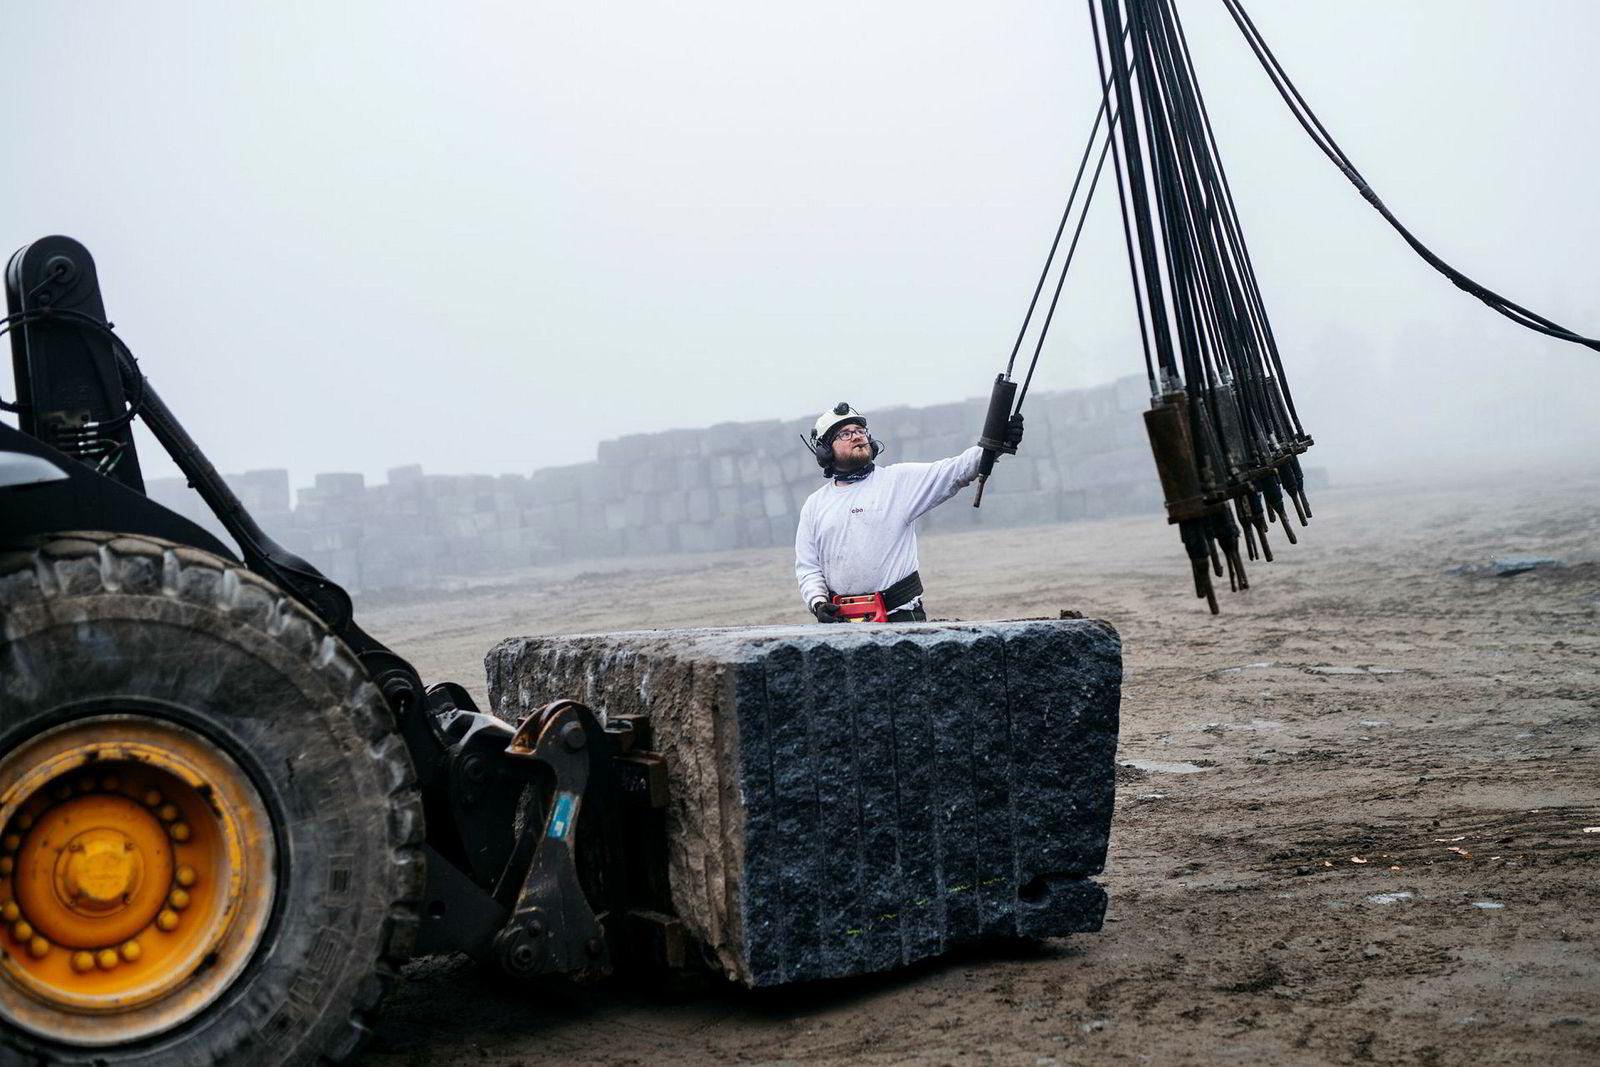 Andreas Bjørgan forbereder kiling av en granittblokk. Steinblokkene grovdeles ved hjelp av bor og kiling, før Mjølner biter seg gjennom steinblokkene for å gi en naturlig røff knekkflate.